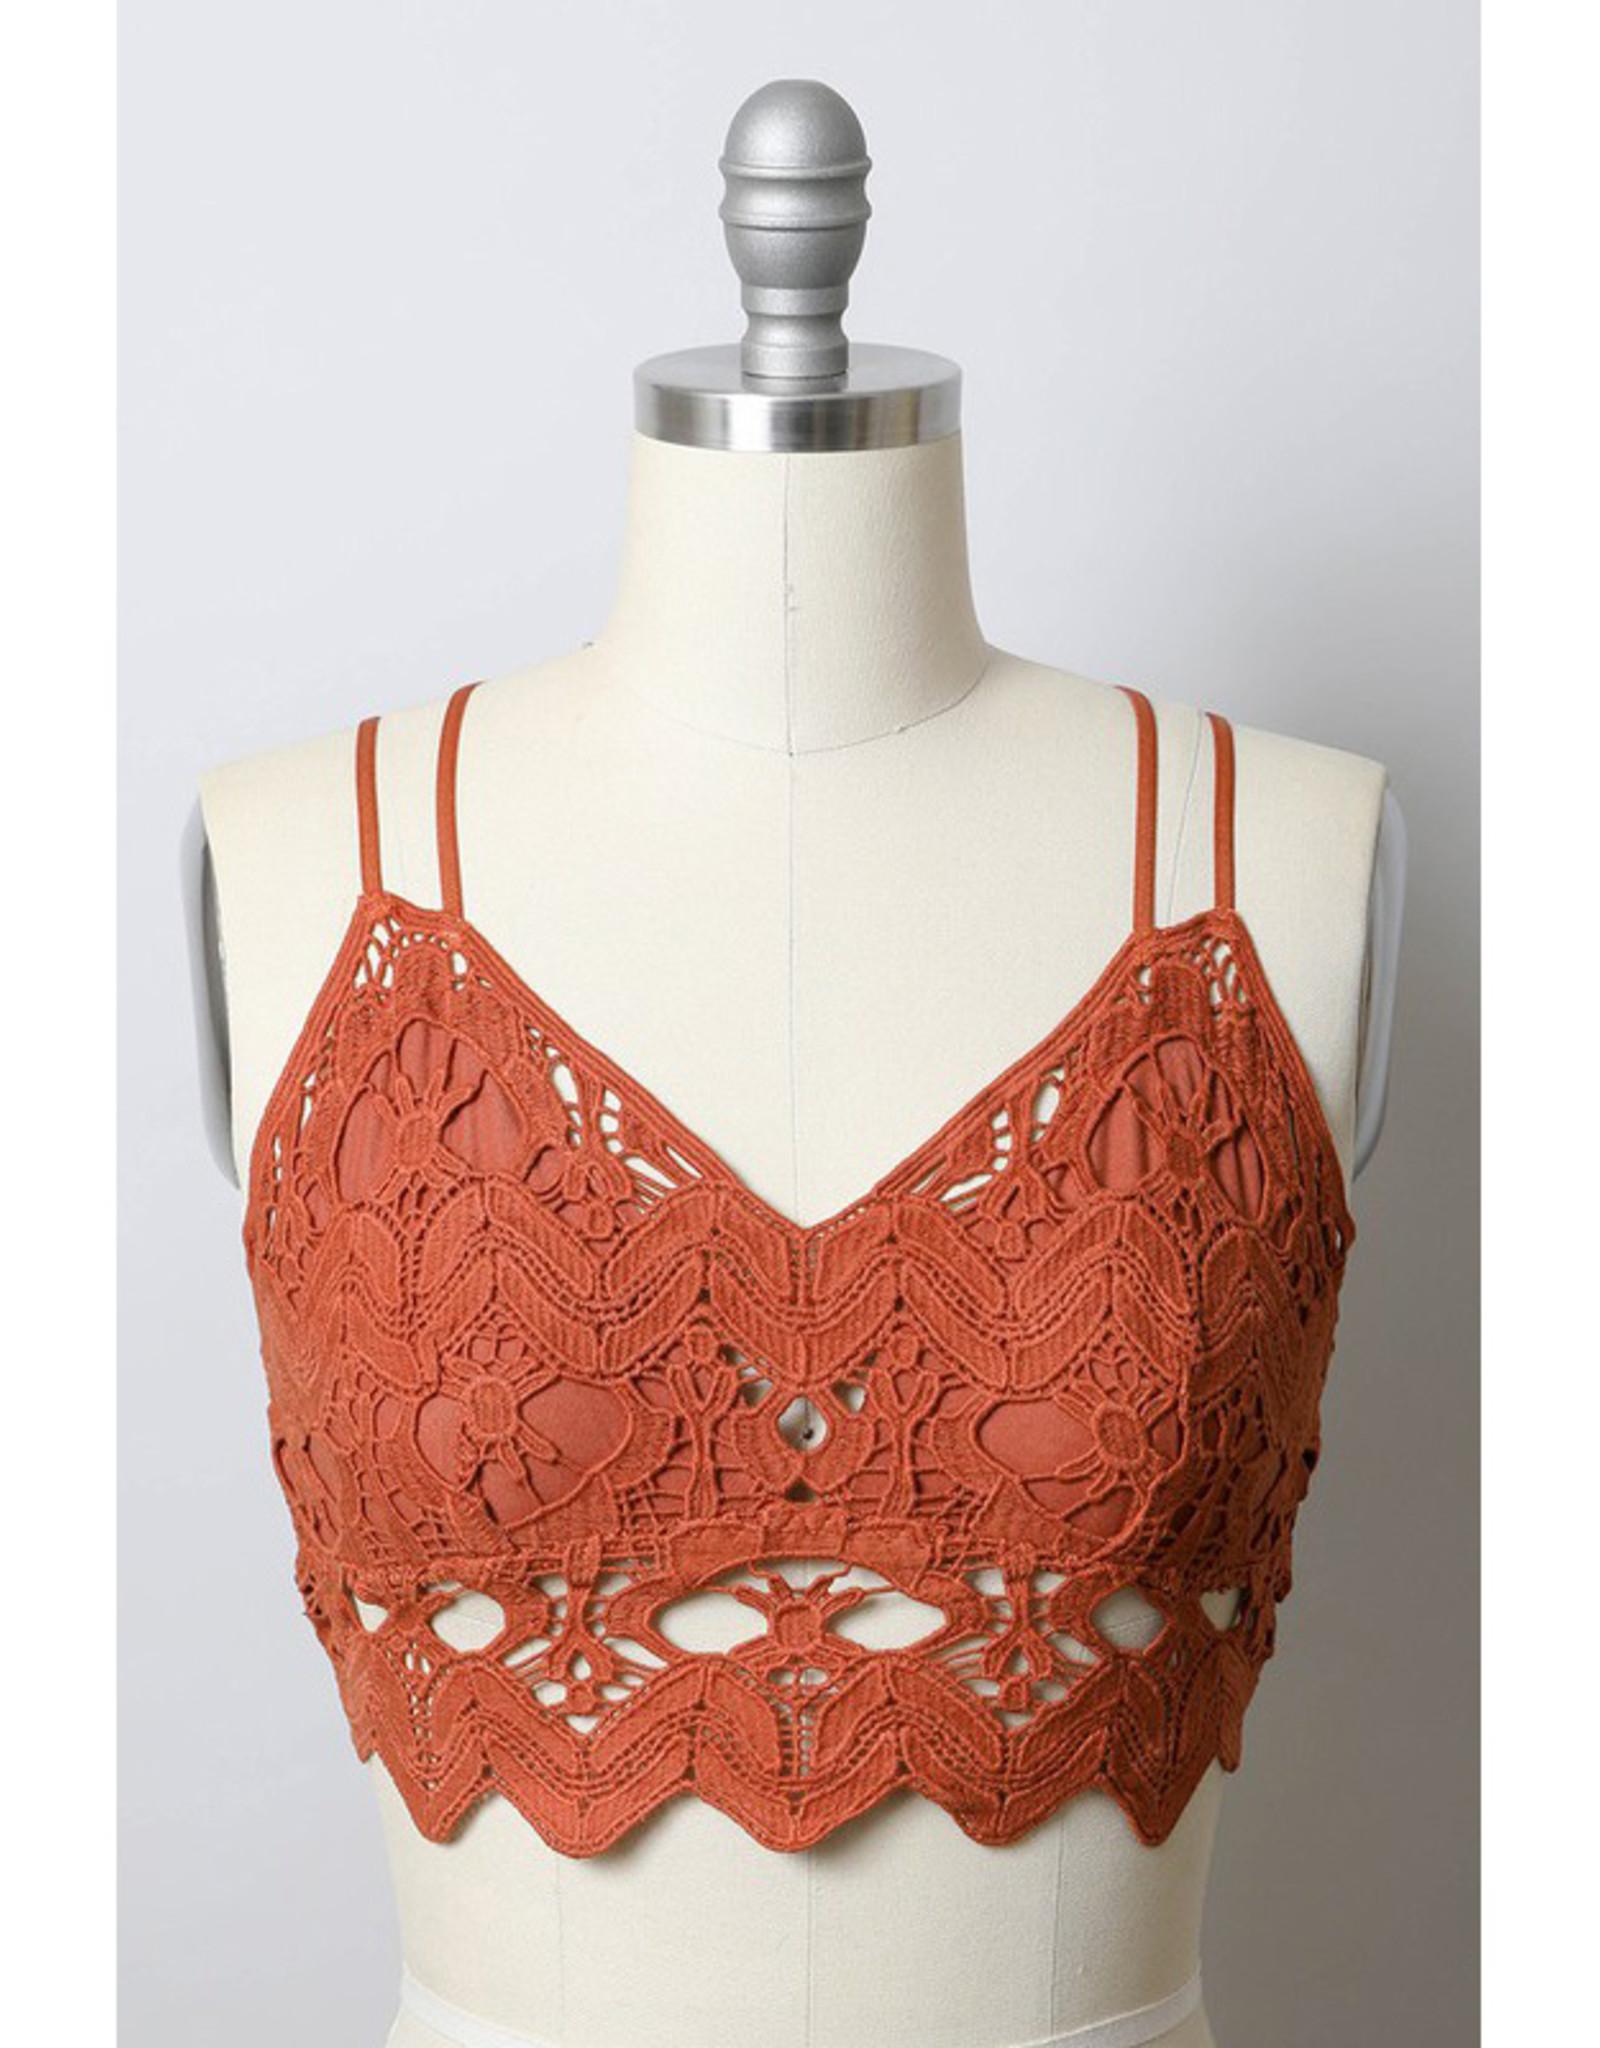 Leto Accessories Cotton Crochet Bralette